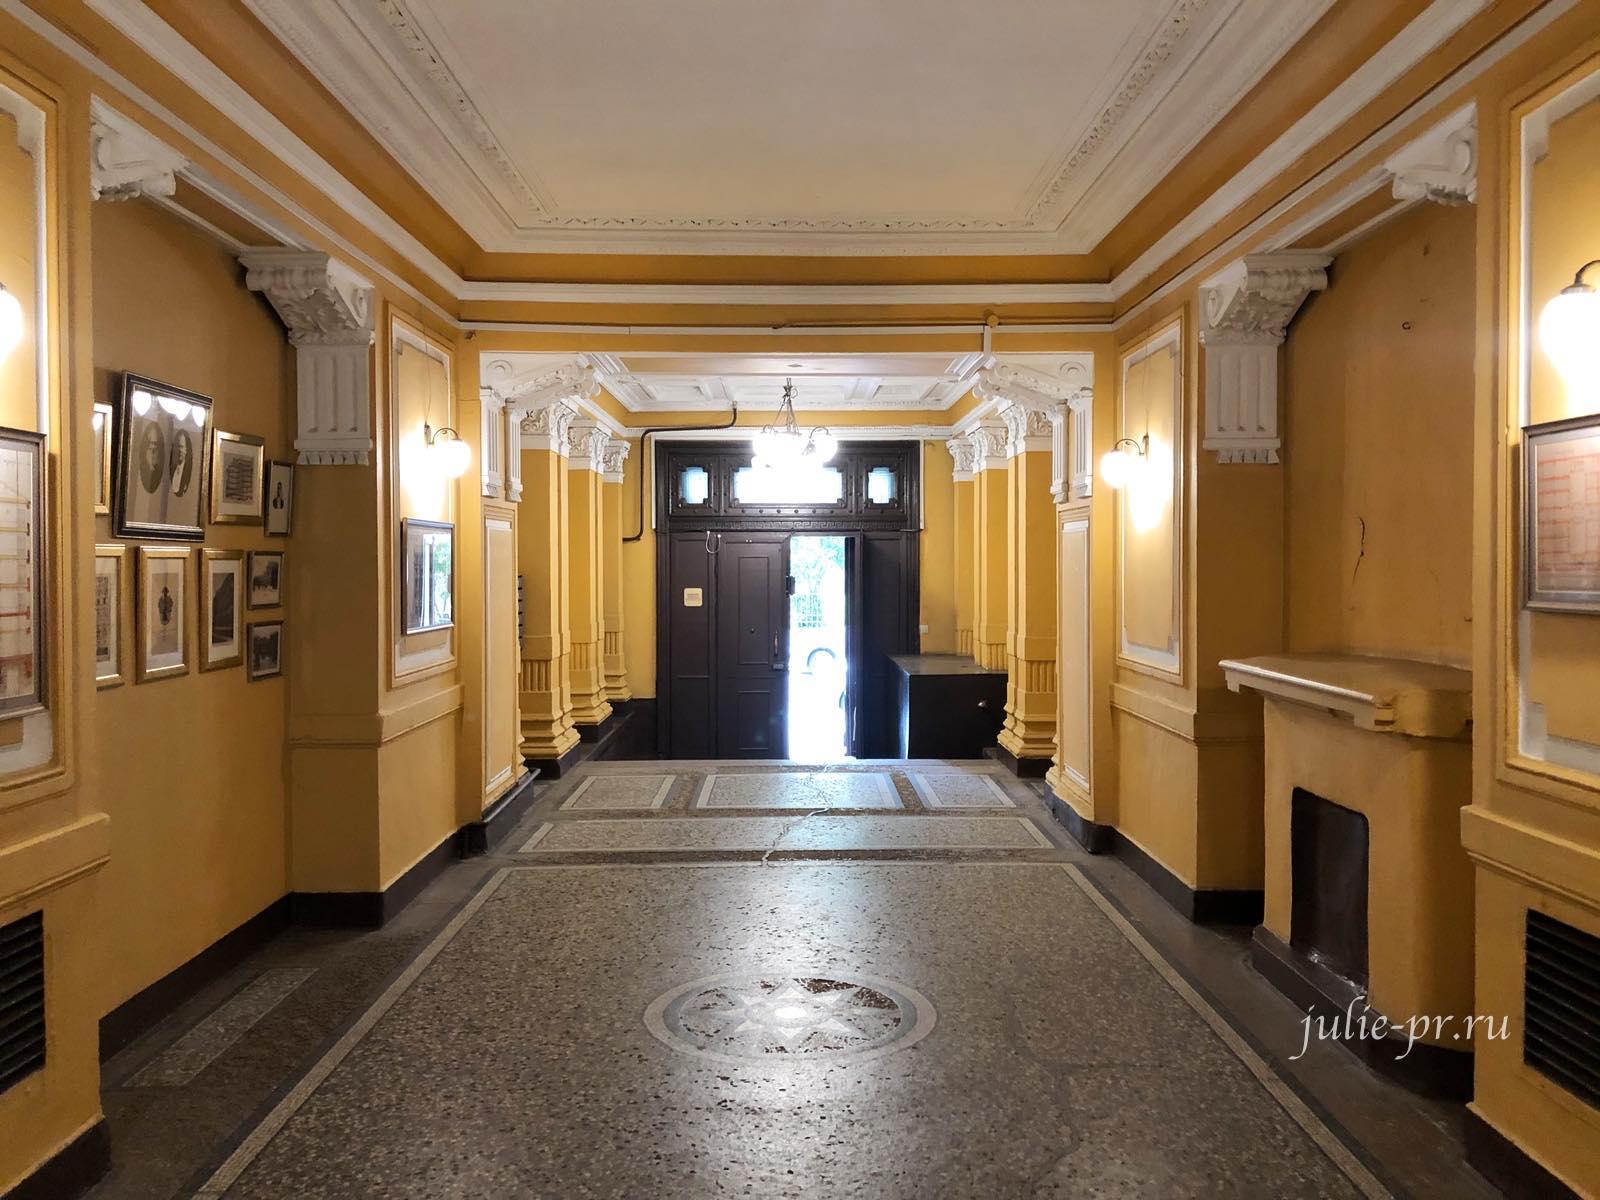 Парадная Ромашка, доходный дом Елисеева, исторический лифт, парадные Петербурга, Питер